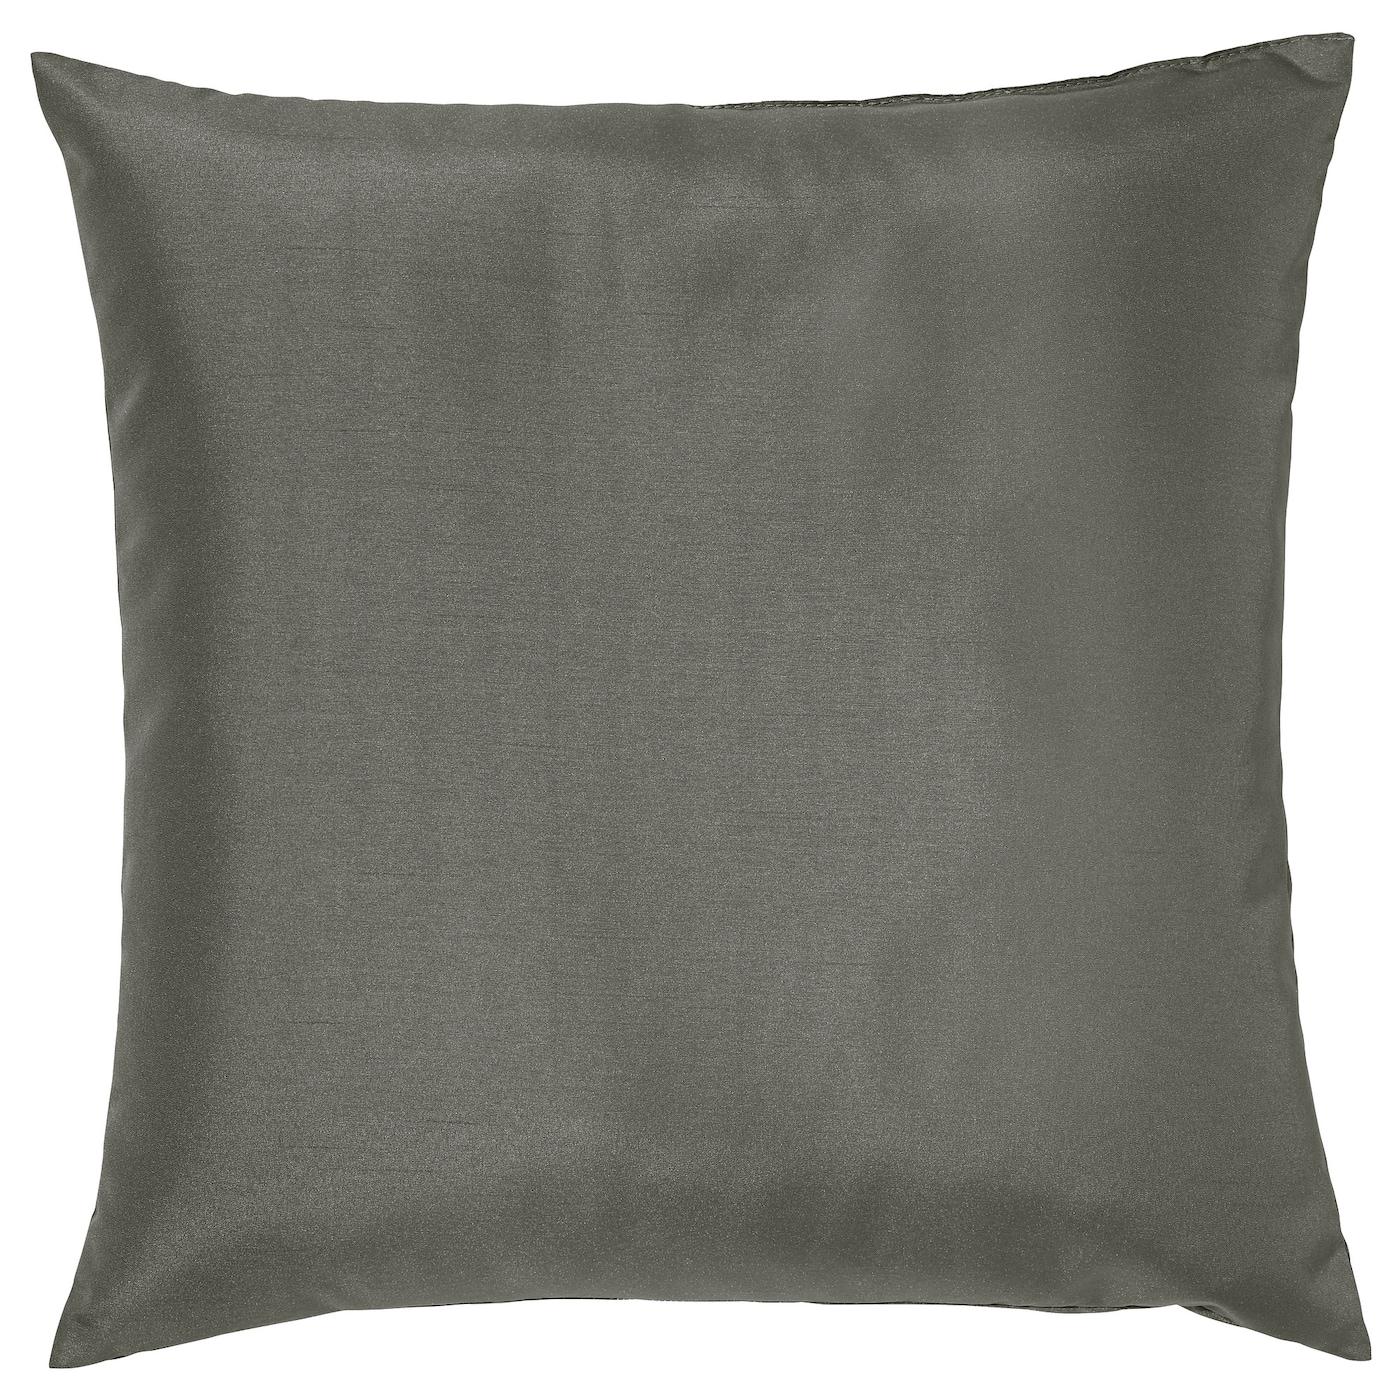 ullkaktus coussin gris 50 x 50 cm ikea. Black Bedroom Furniture Sets. Home Design Ideas